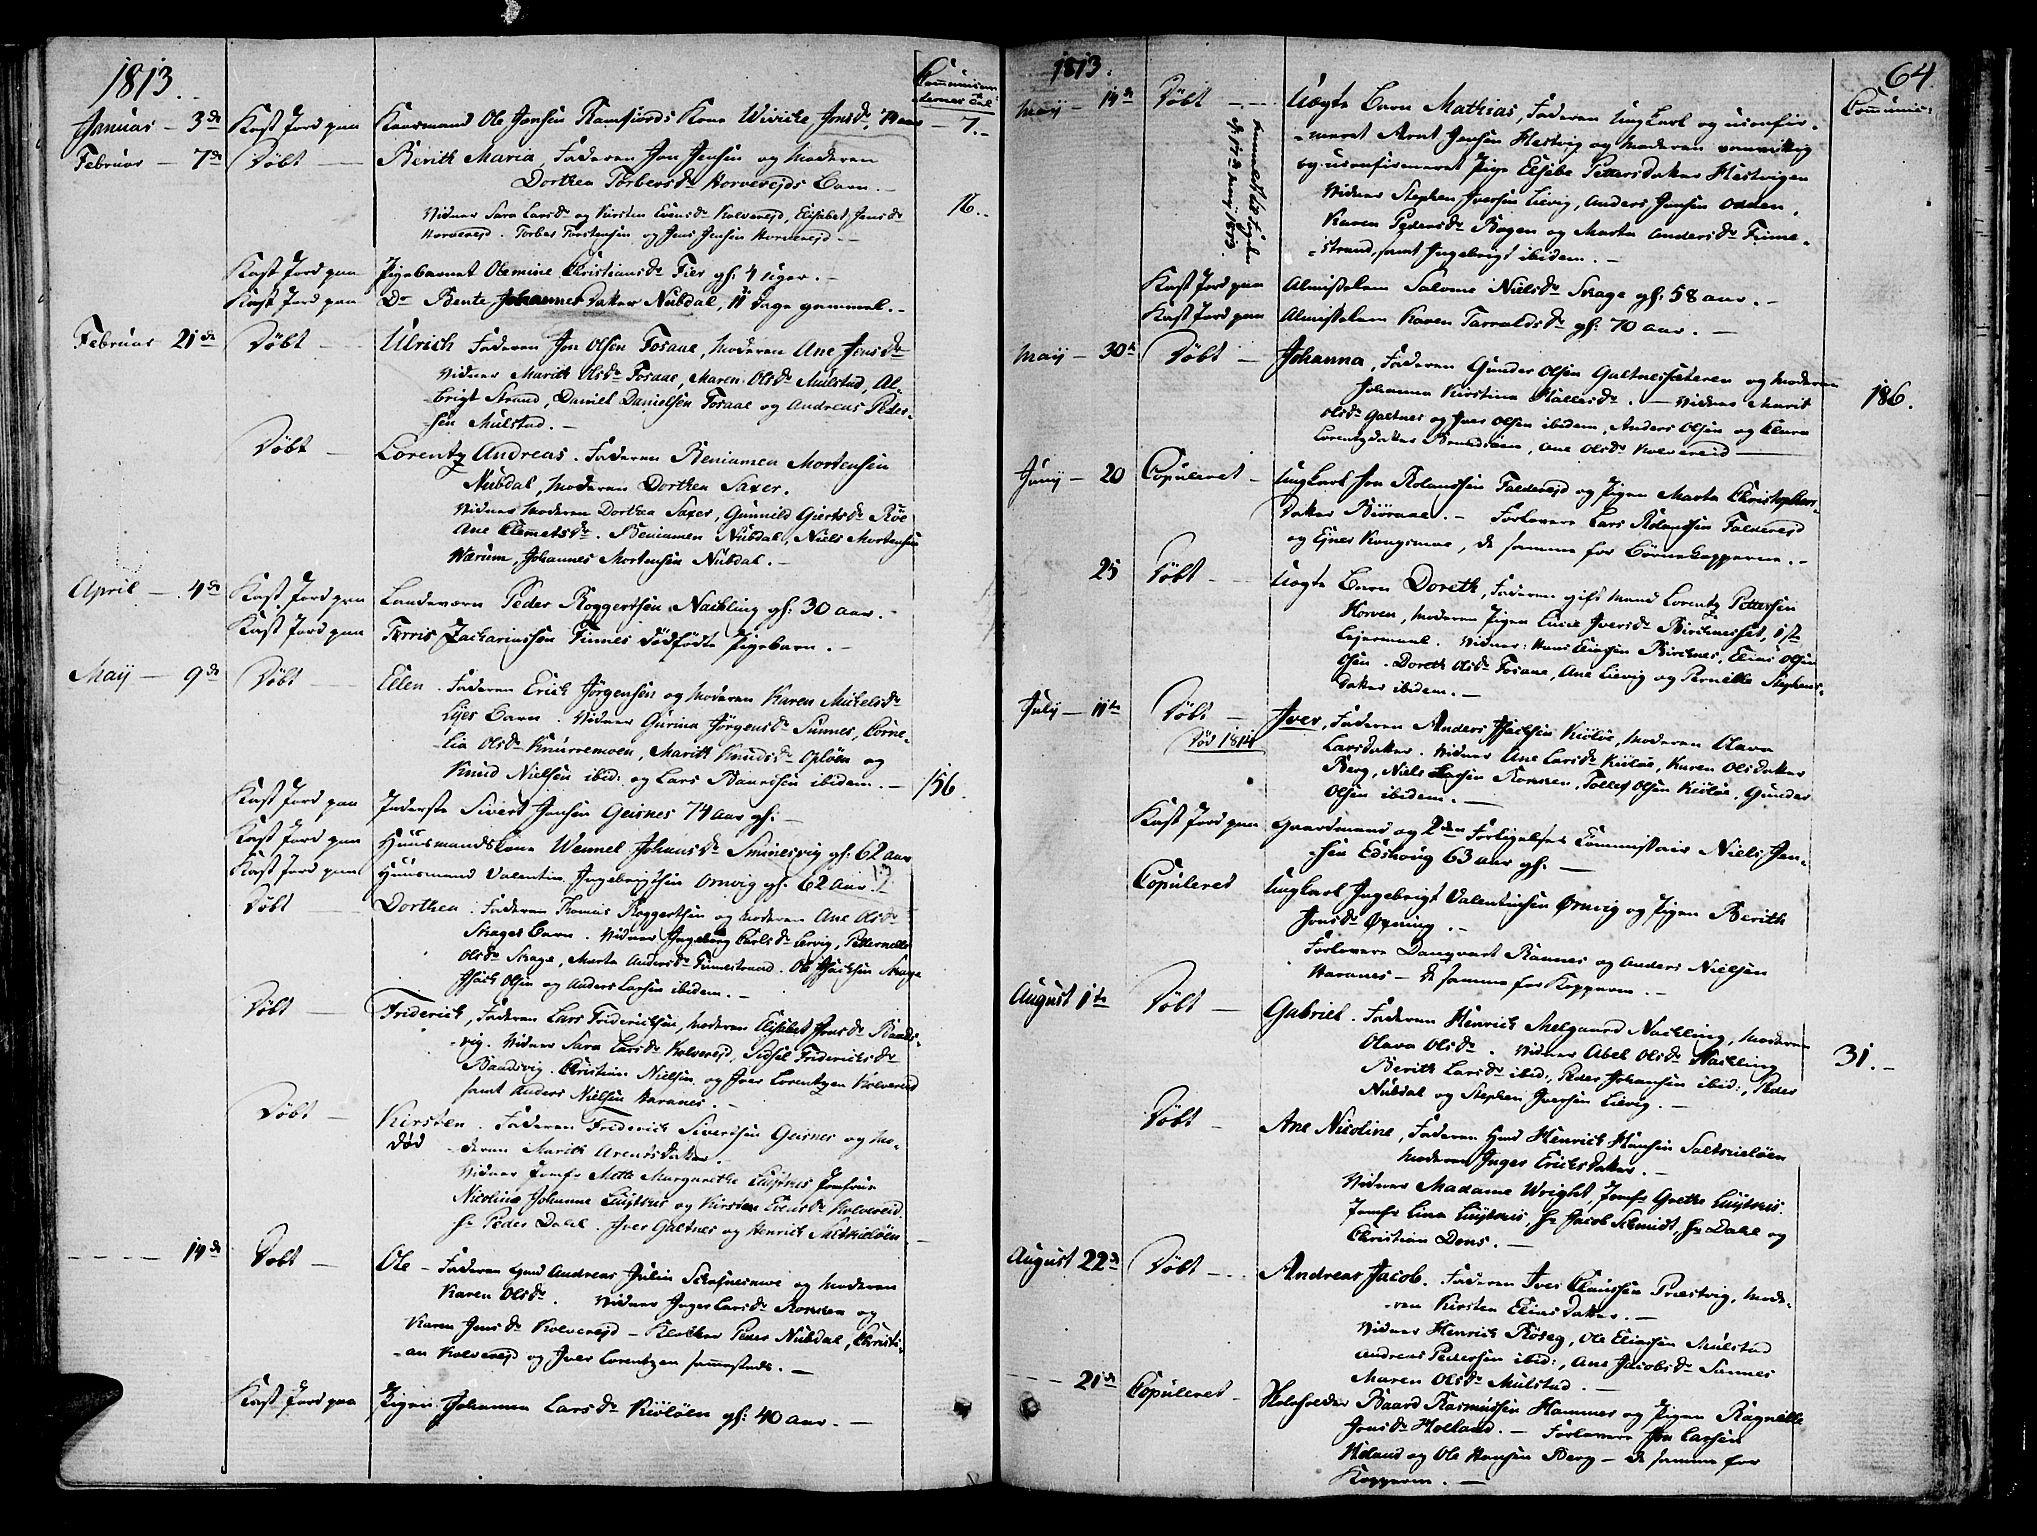 SAT, Ministerialprotokoller, klokkerbøker og fødselsregistre - Nord-Trøndelag, 780/L0633: Ministerialbok nr. 780A02 /1, 1787-1814, s. 64